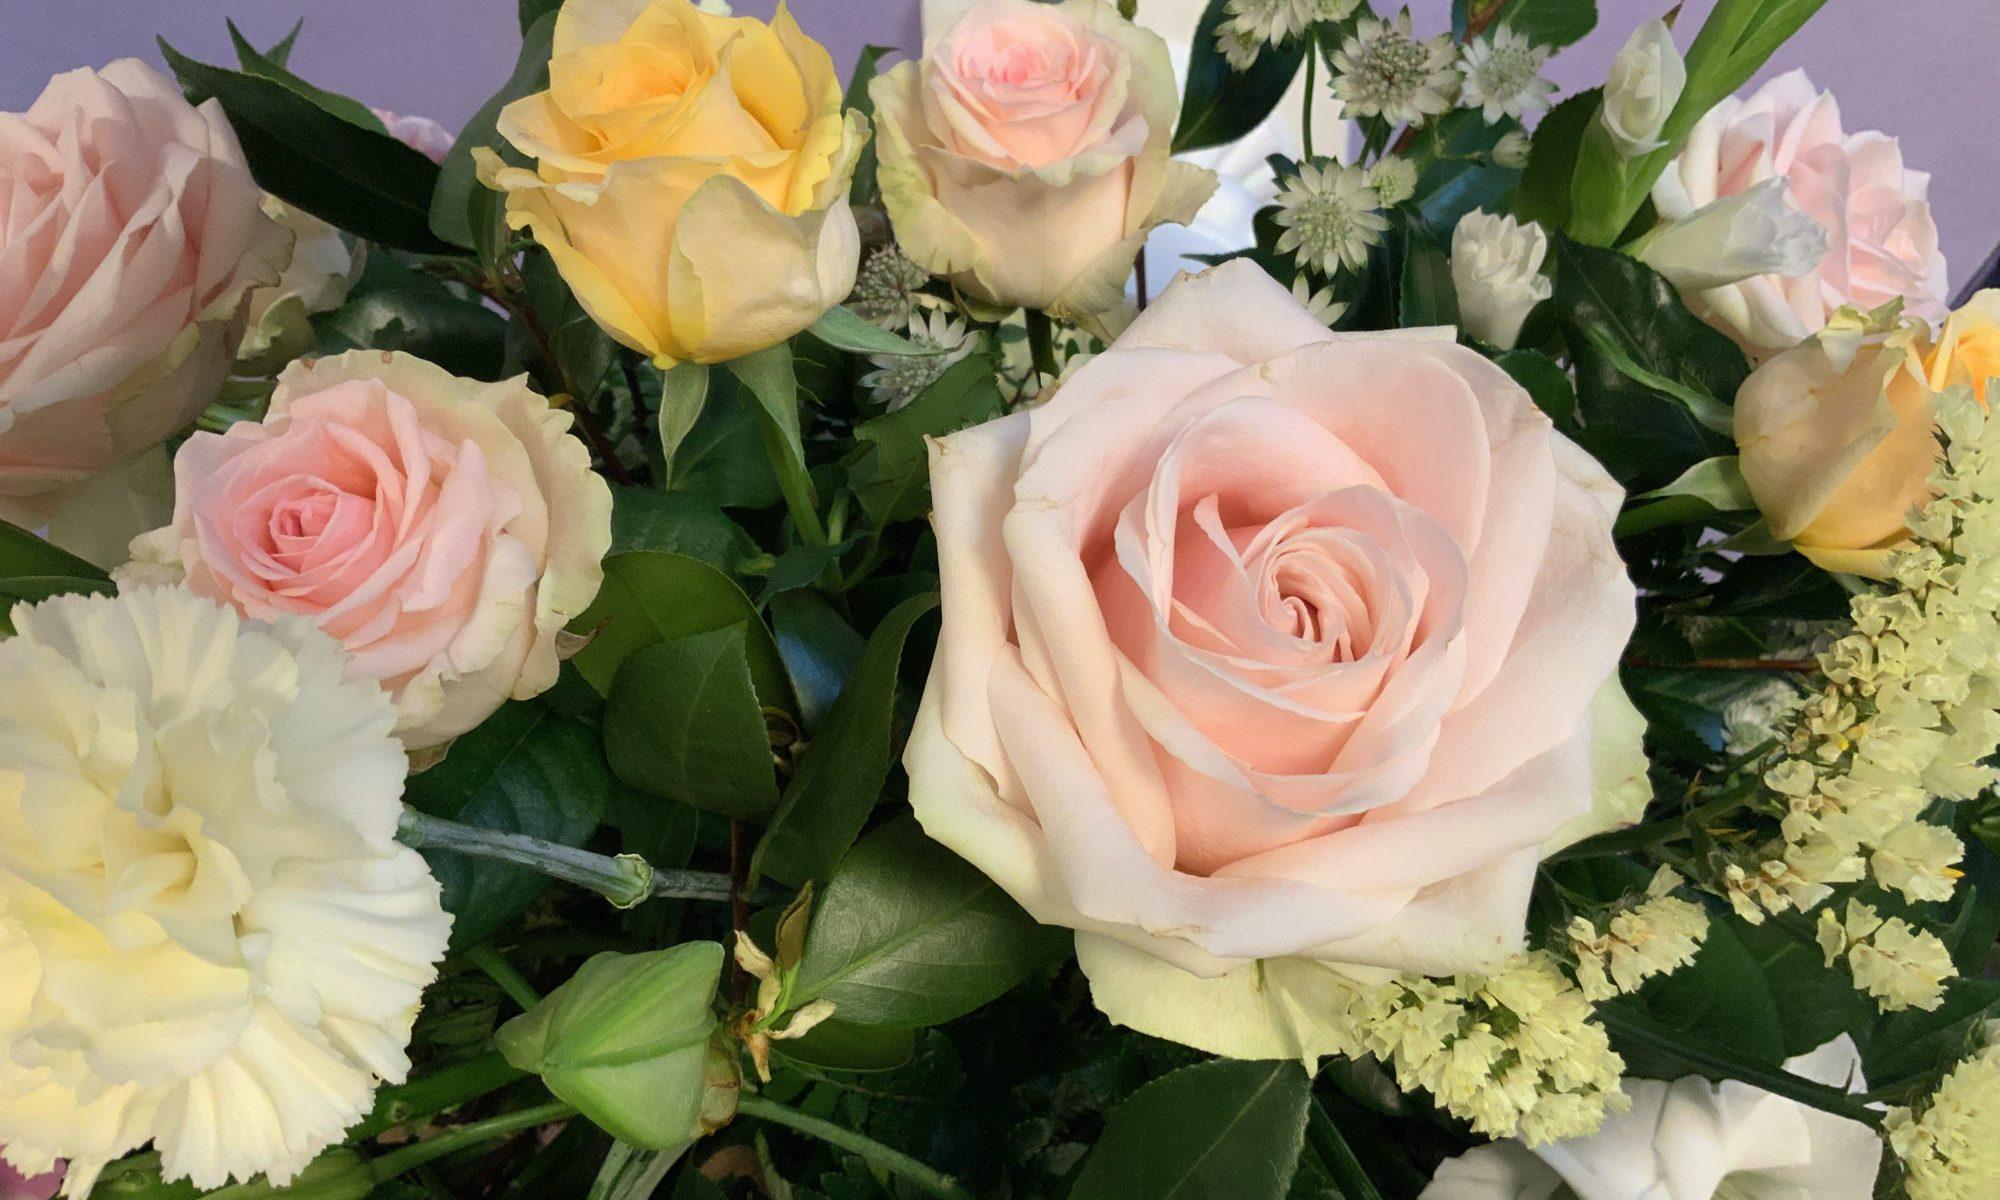 Bouquet de fleurs avec des roses